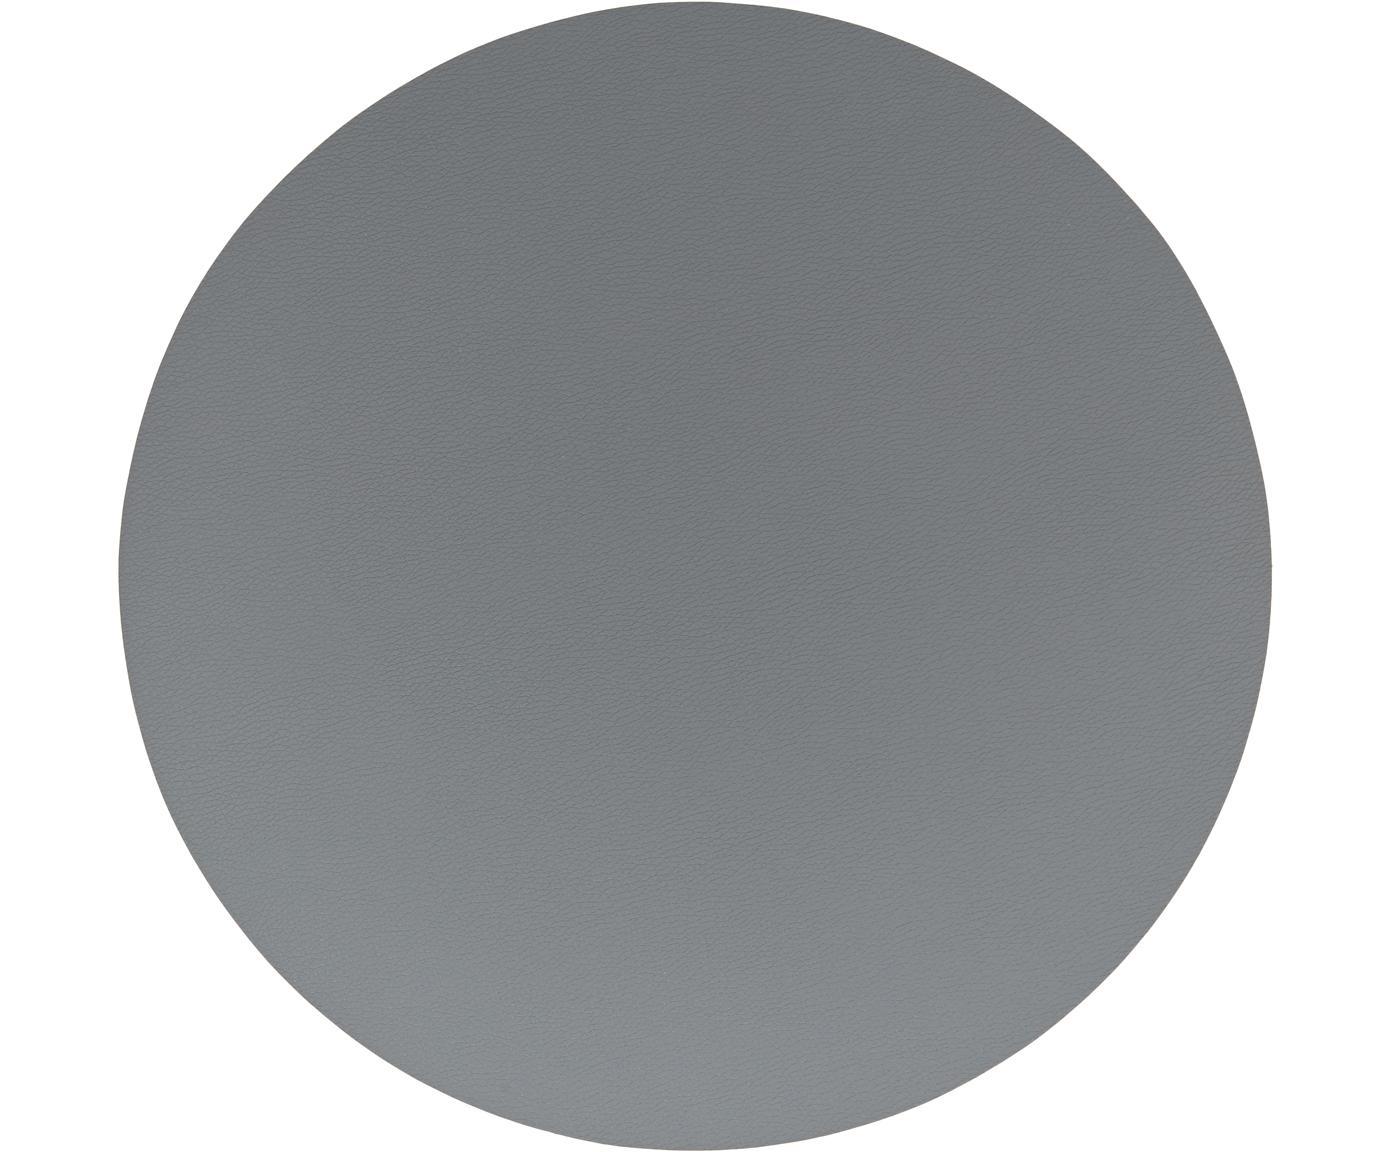 Okrągła podkładka ze sztucznej skóry Pik, 2 szt., Tworzywo sztuczne (PVC), Antracytowy, Ø 38 cm